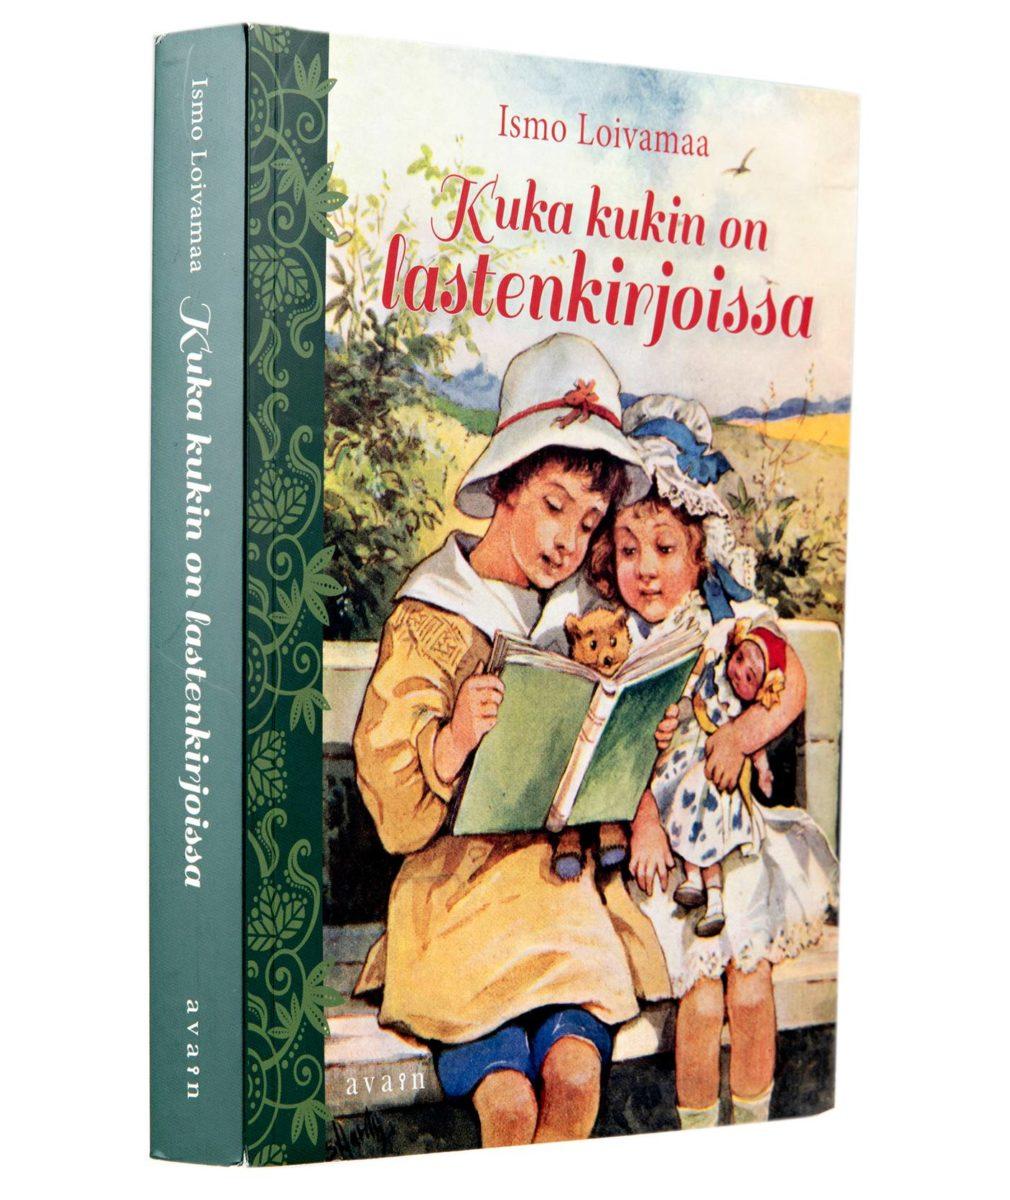 Ismo Loivamaa: Kuka kukin on lastenkirjoissa. 403 s. Avain, 2018.